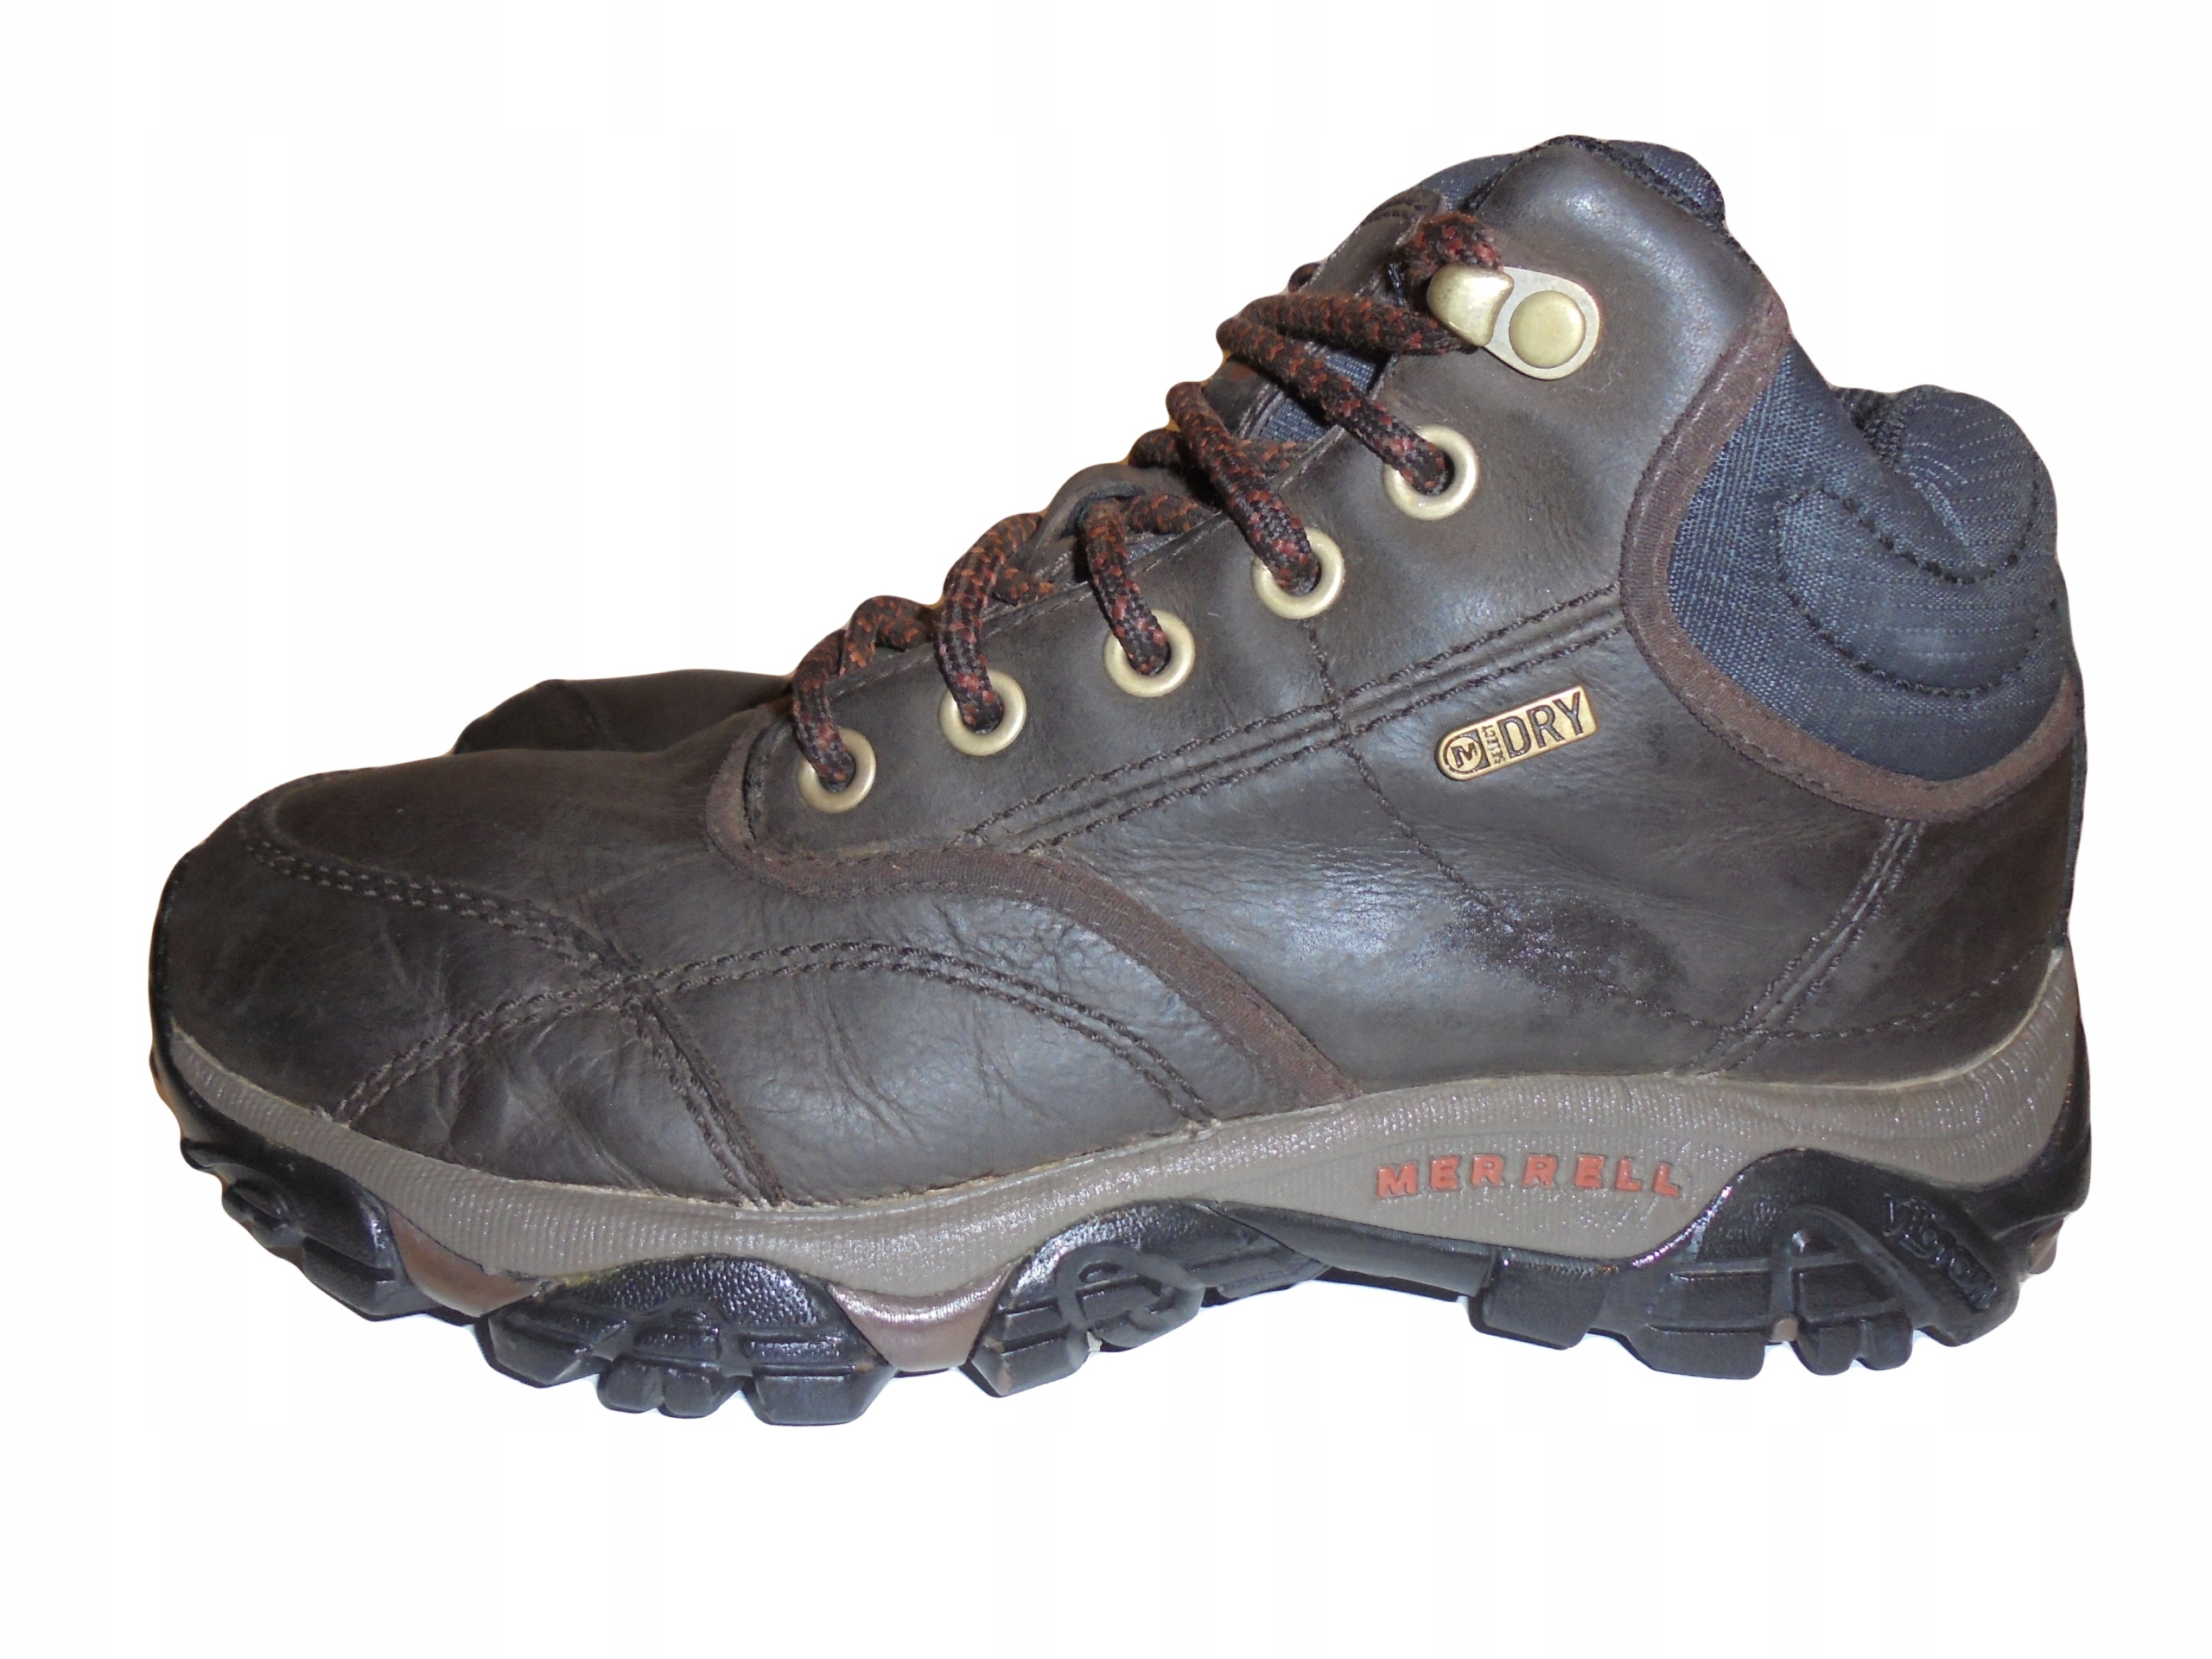 6c66c4e15485e Skórzane buty Merrell z membraną. Rozmiar 41. - 7701985438 ...